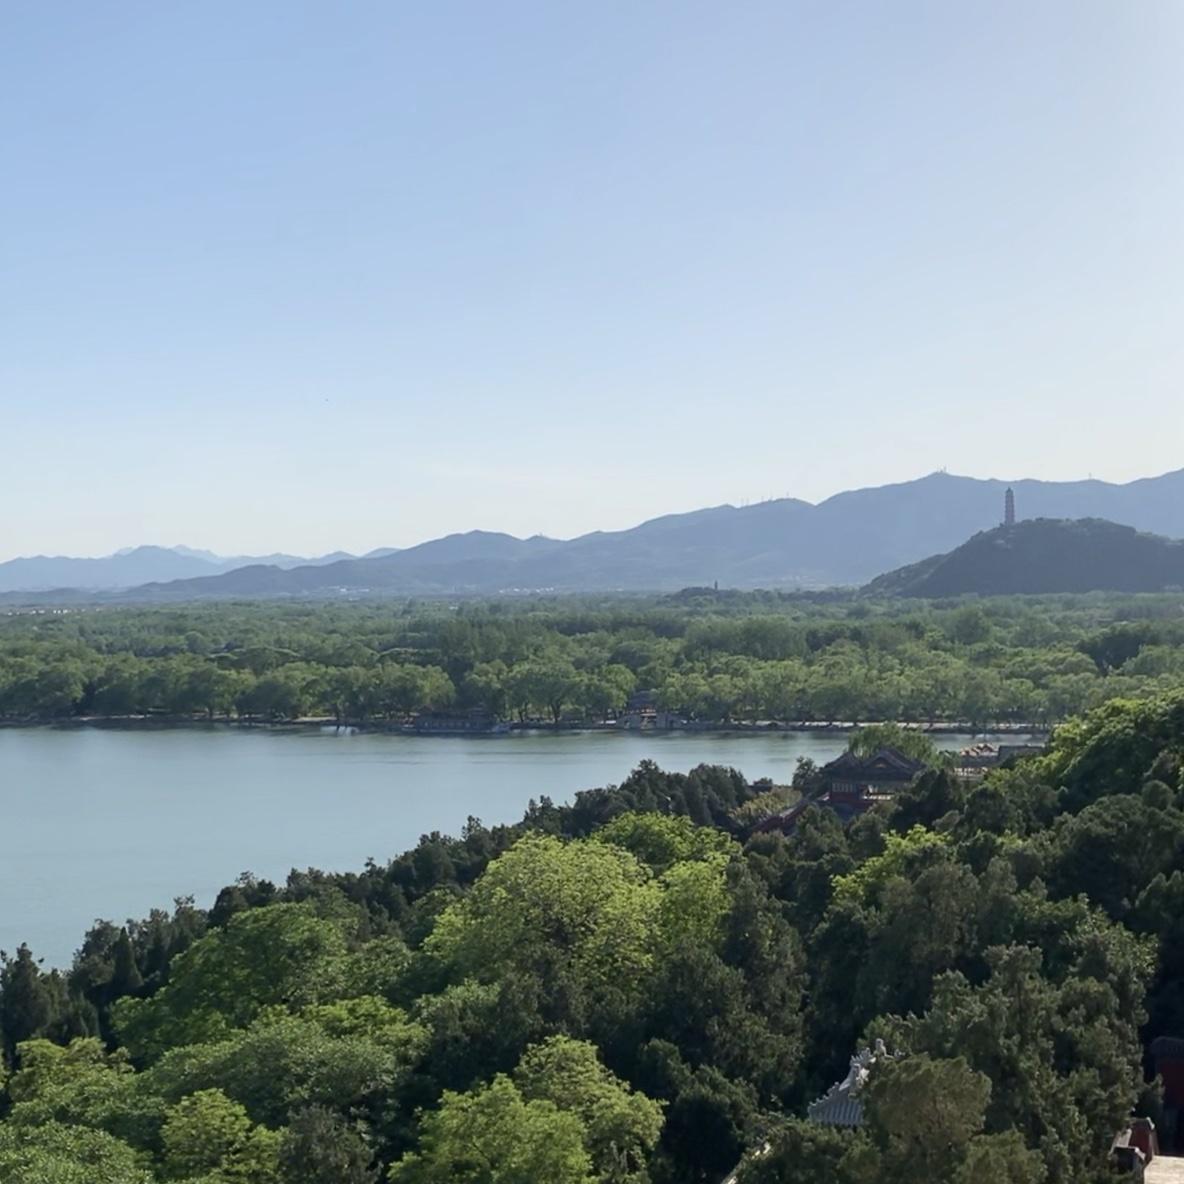 Näkymä Kesäpalatsilta. Pekingiä ympäröivät Yanshan-vuoret näkyvät hyvällä ilmalla. Kuva: Hannakaisa Andersson/UM.